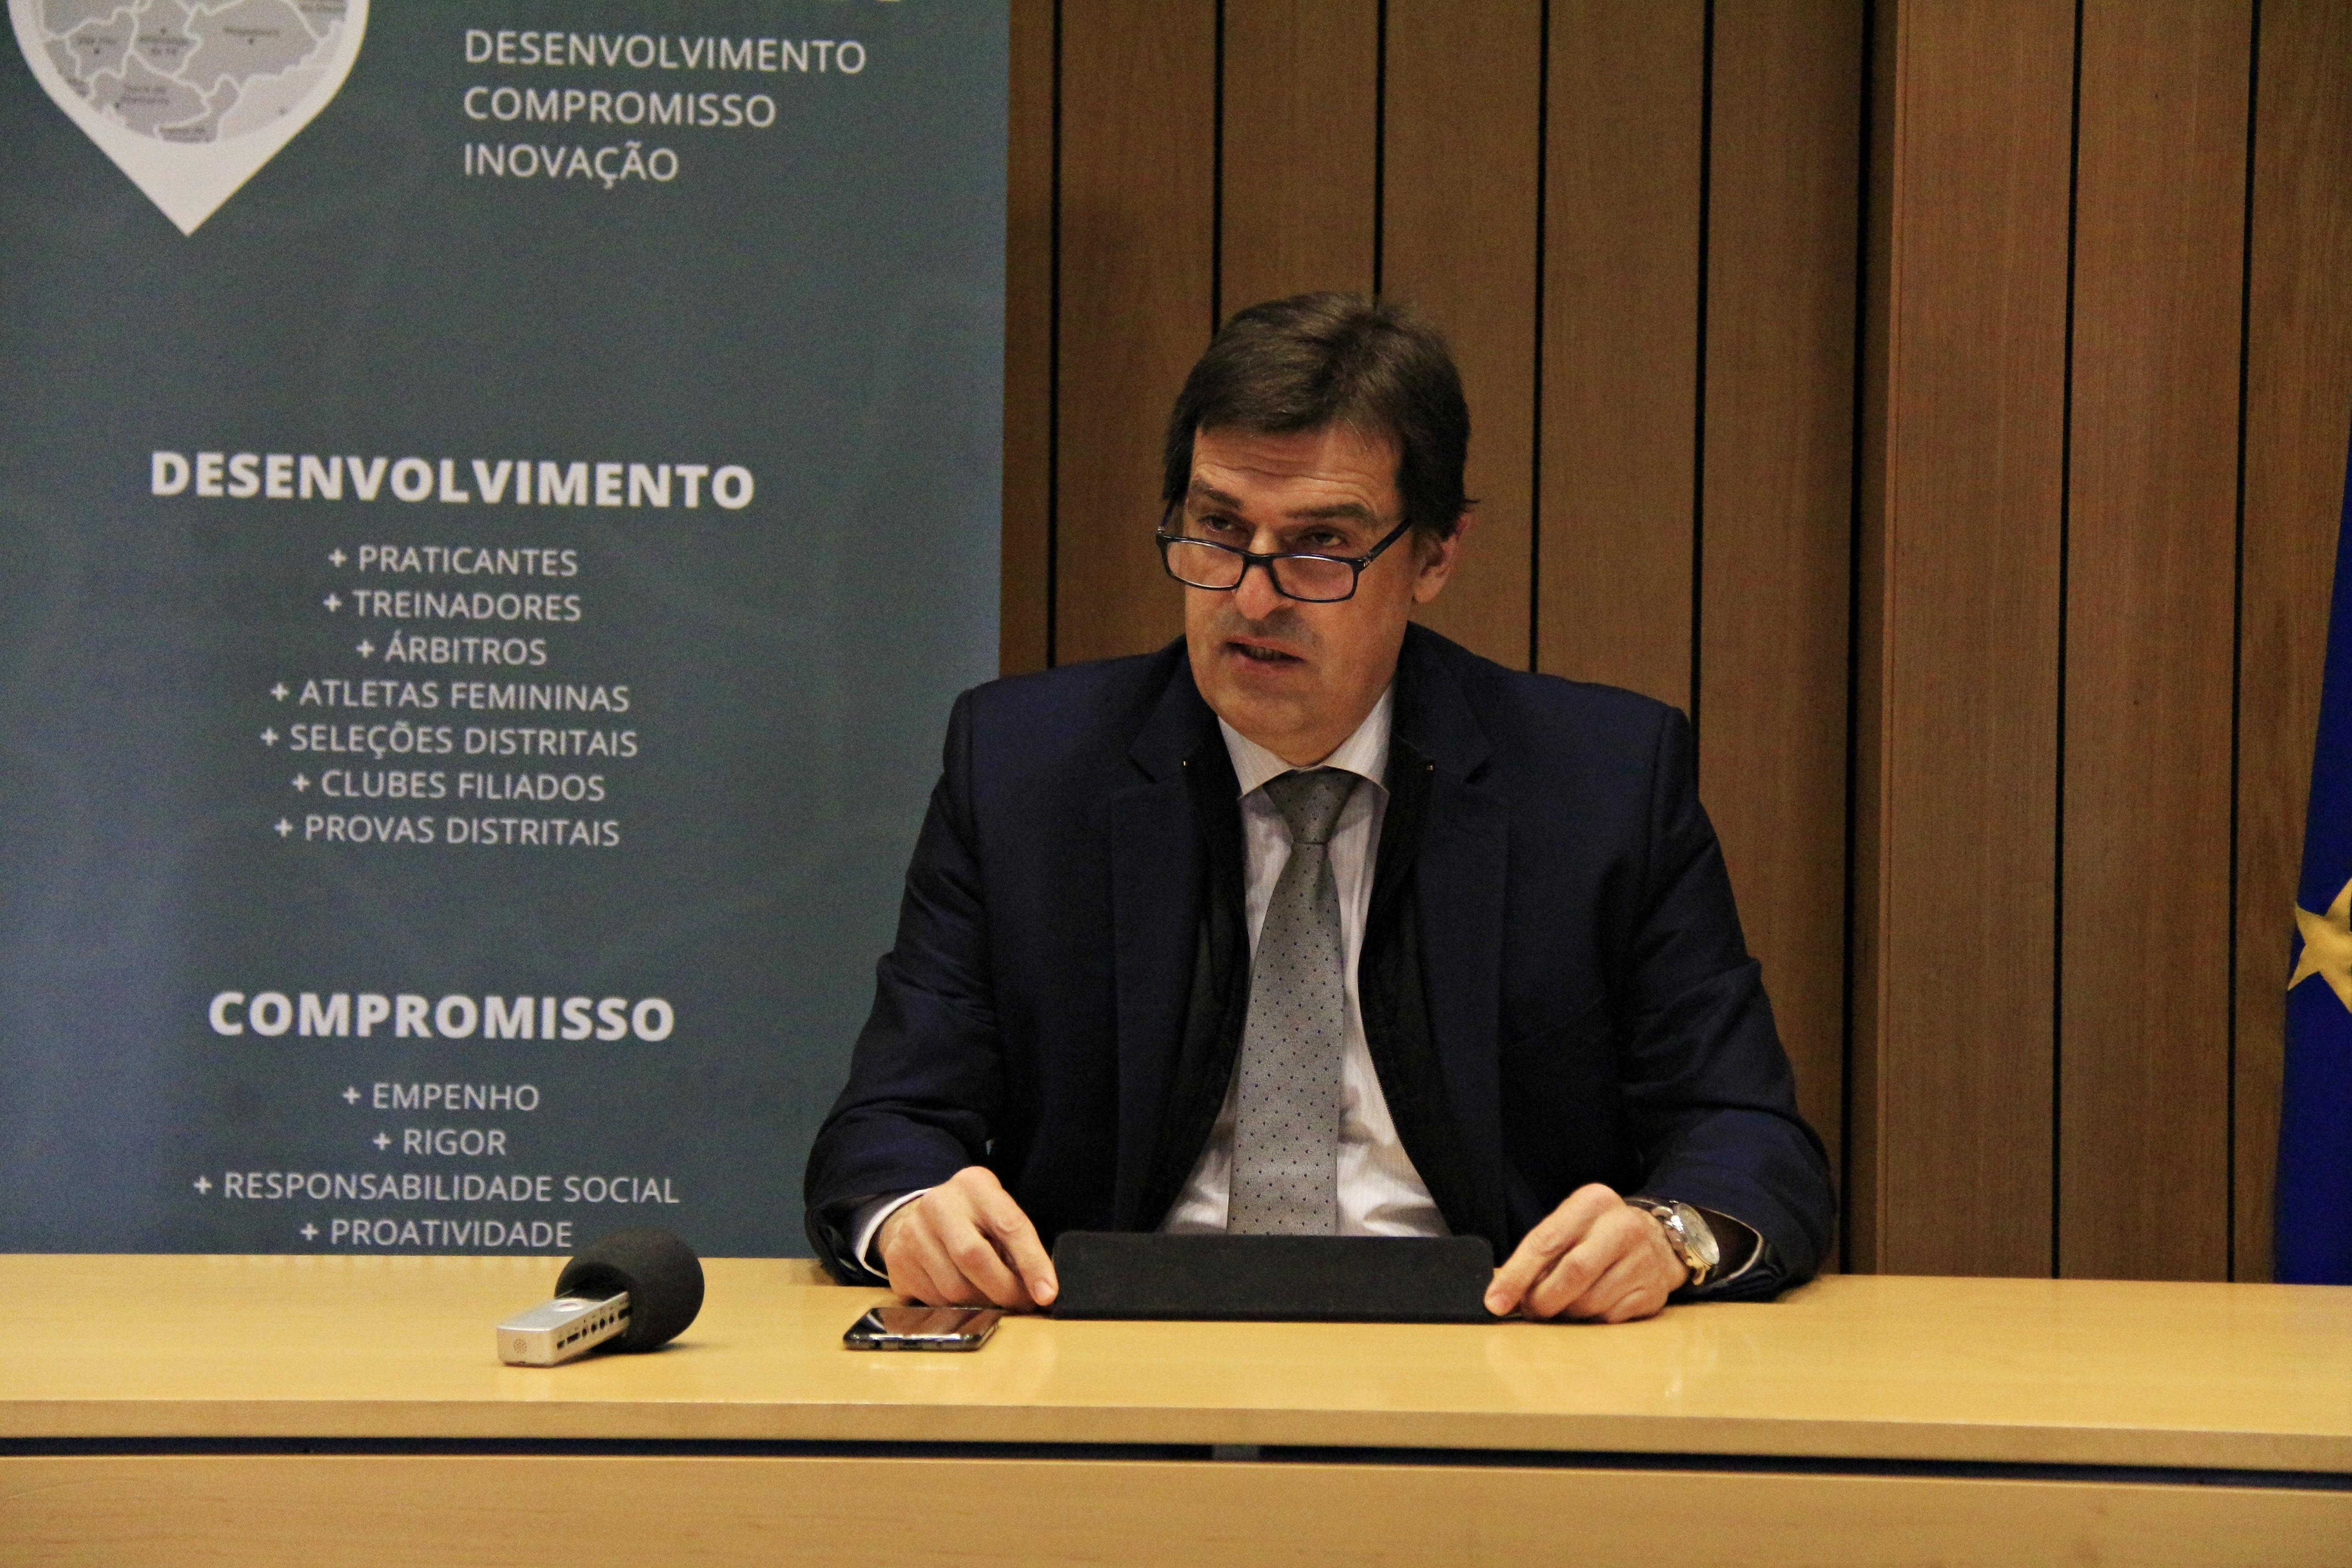 António Ramos recandidata-se à presidência da AFB e tem em mente vários projetos